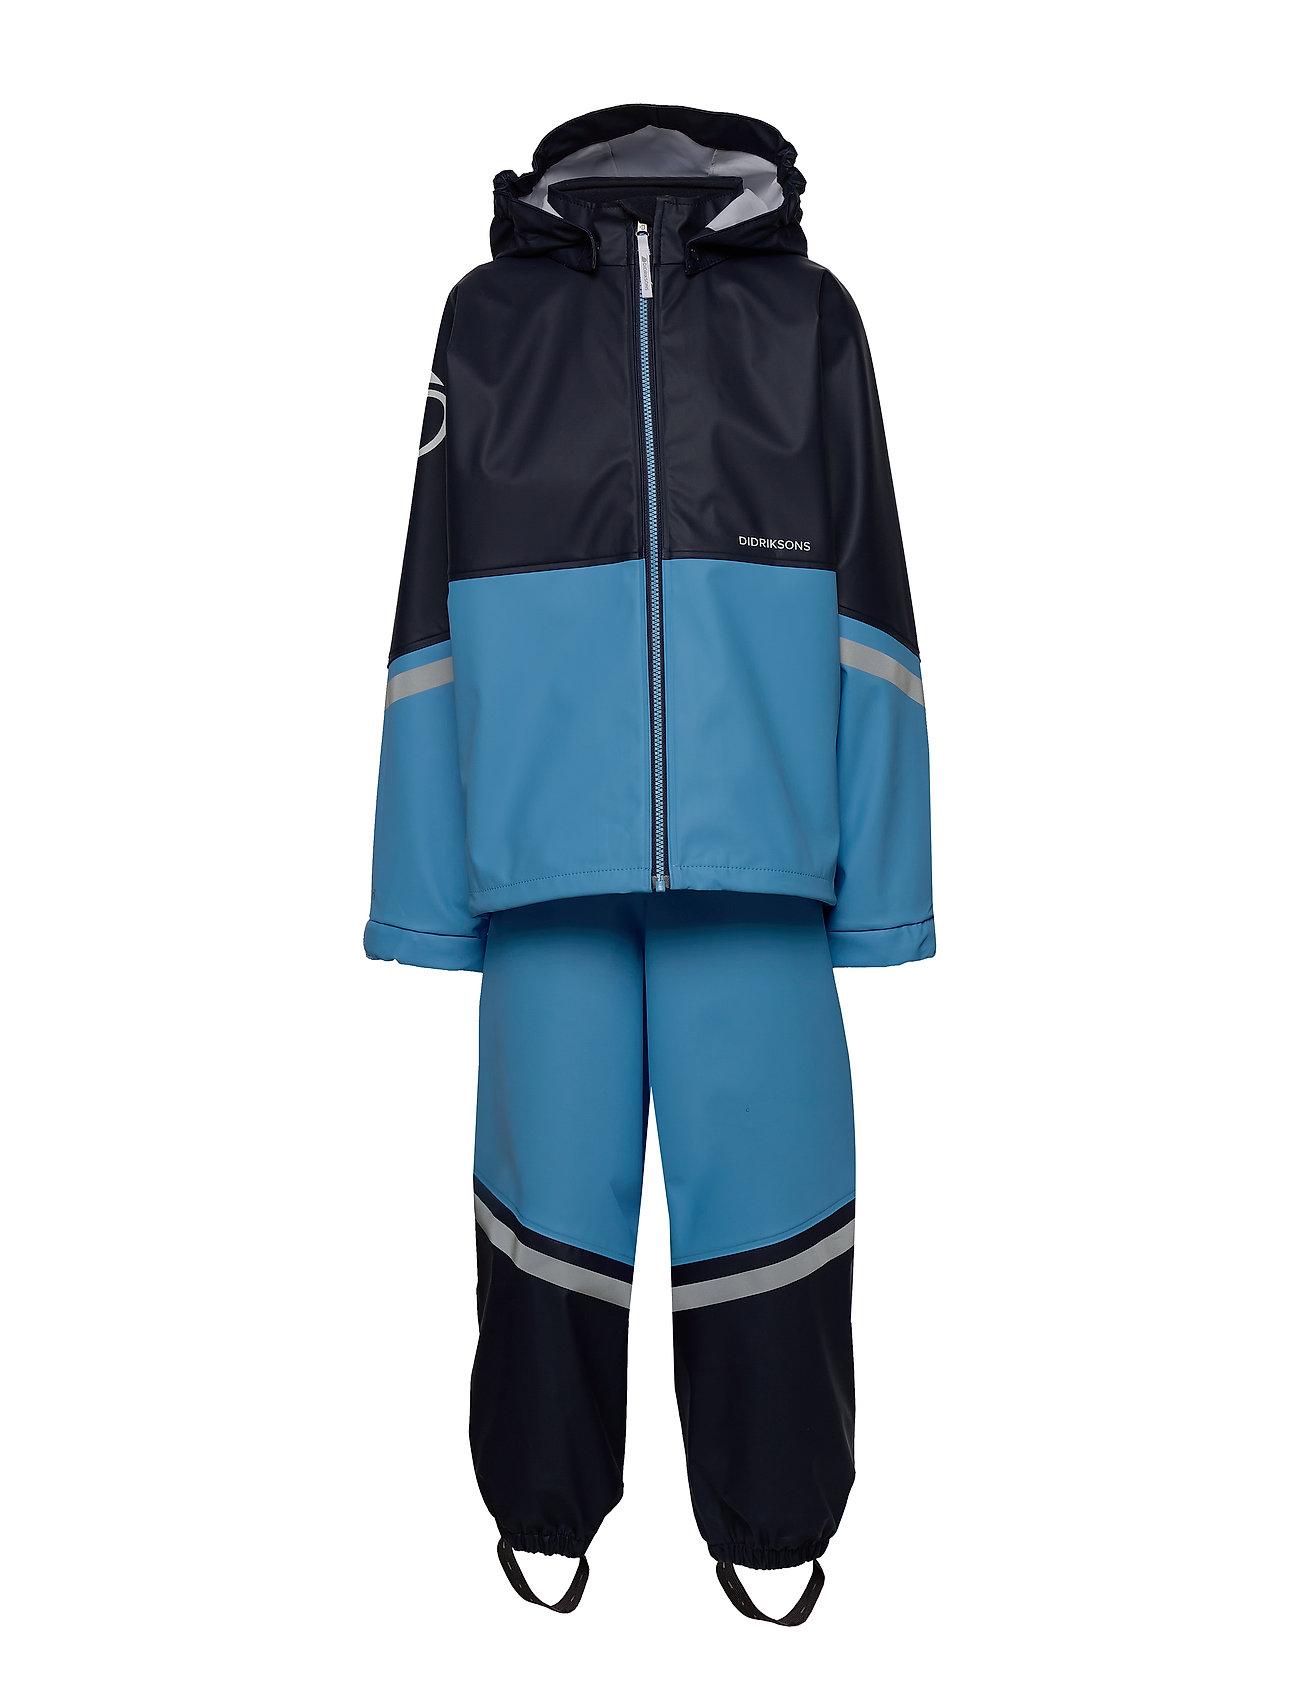 Didriksons WATERMAN KIDS SET 4 - BREEZE BLUE